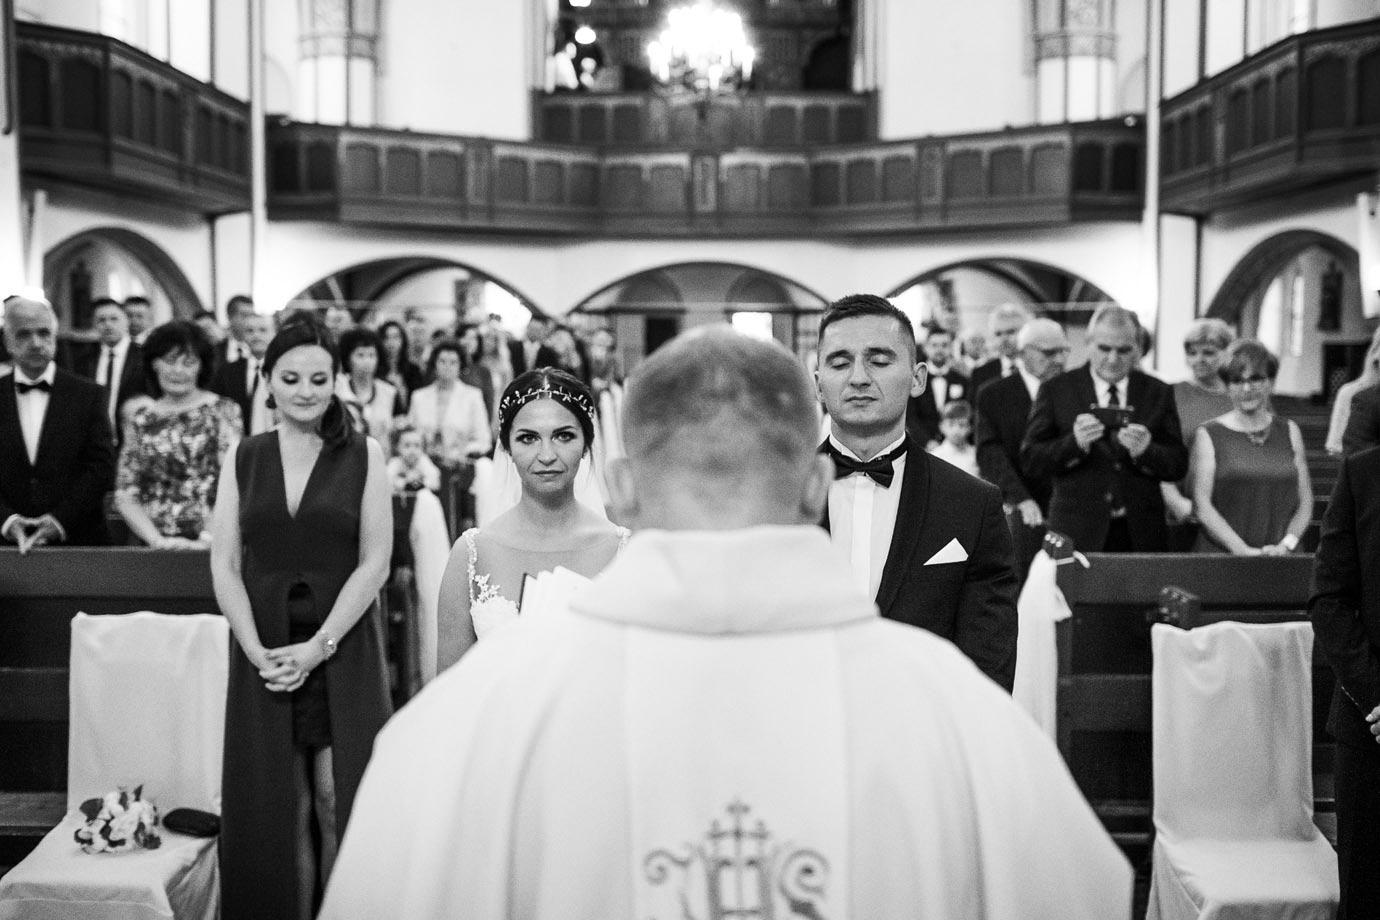 emocje przed przysięgą ślubną